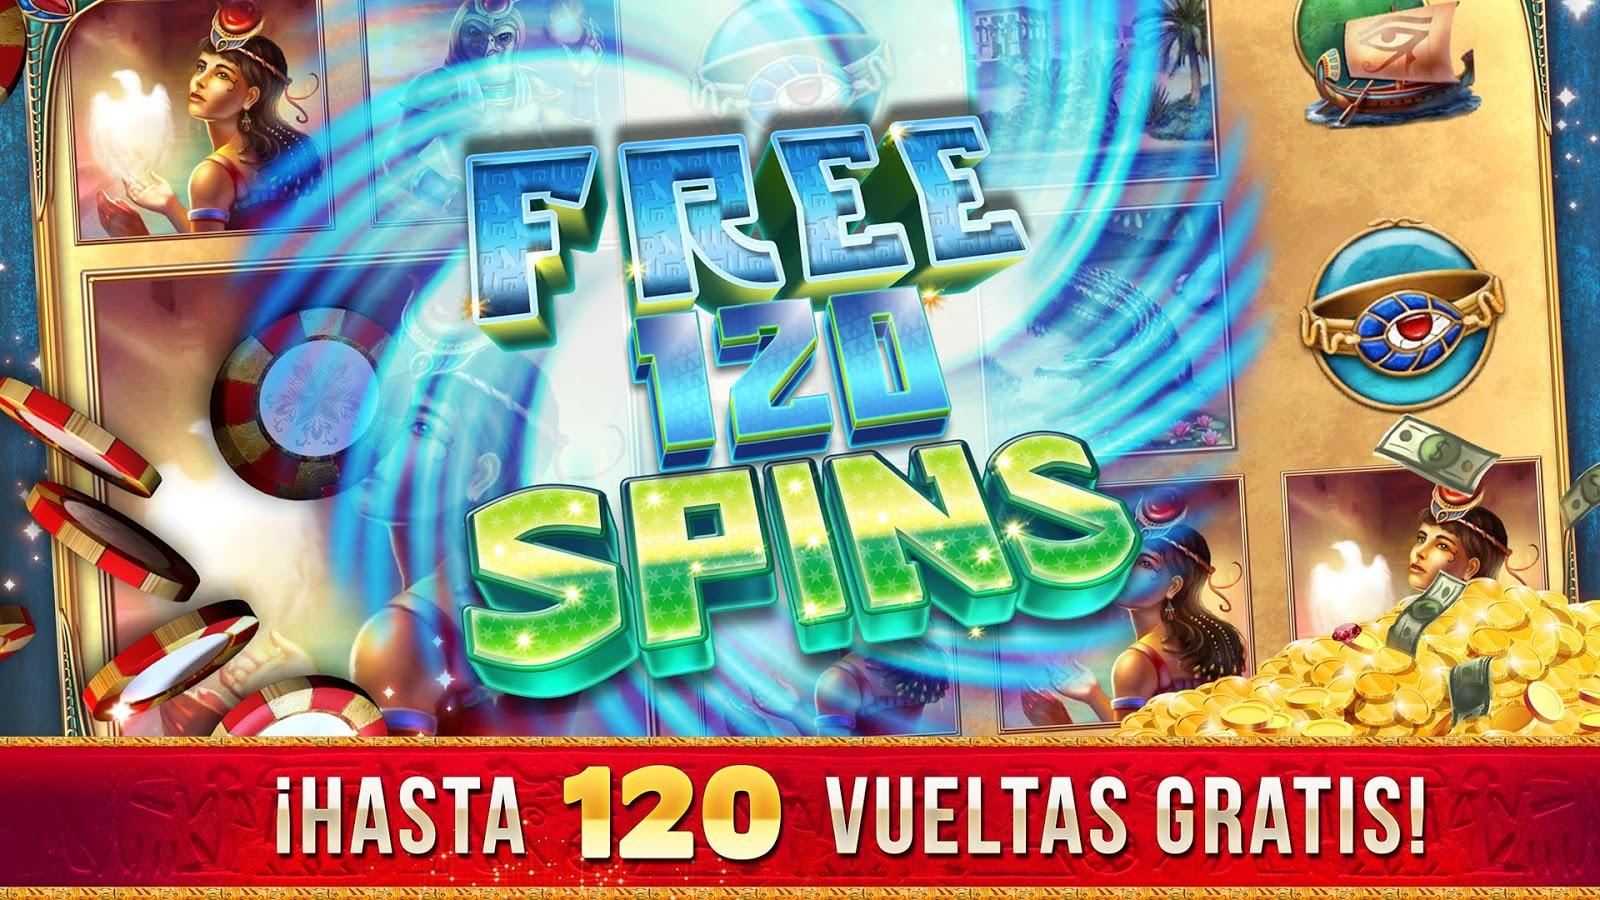 juegos de casino slot tragamonedas gratis